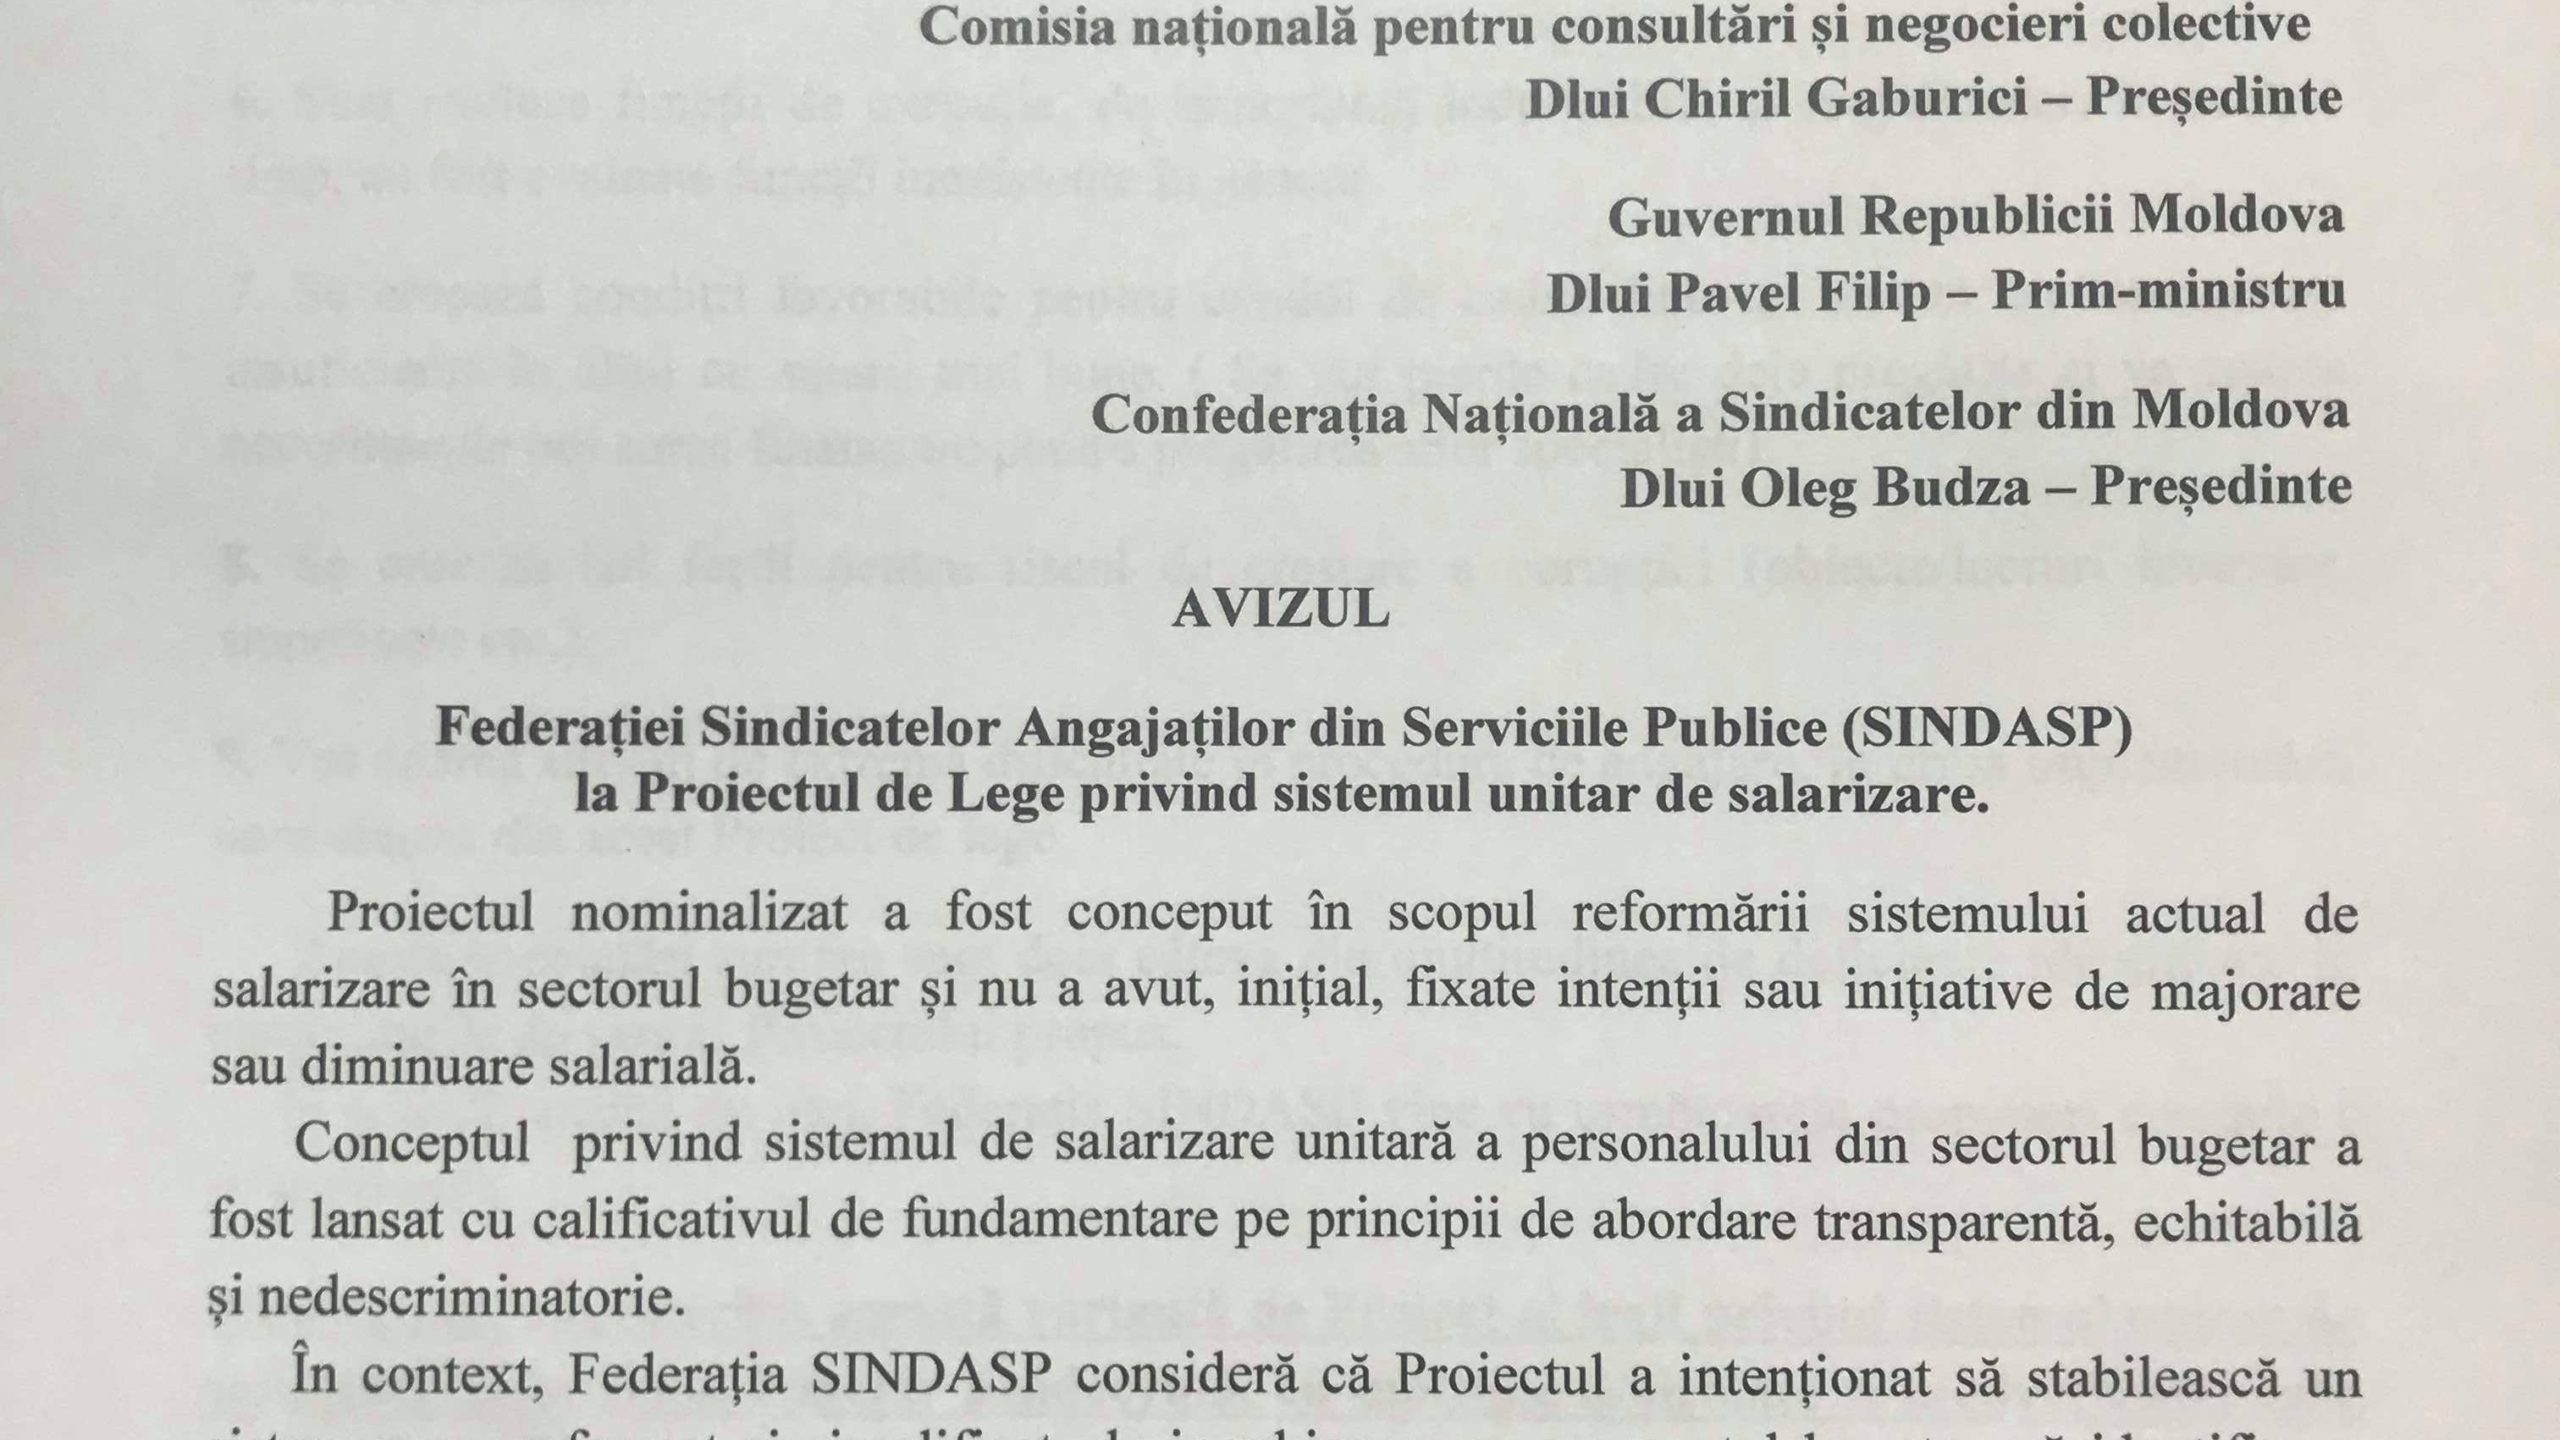 AVIZUL Federației Sindicatelor Angajaților din Serviciile Publice (SINDASP) la Proiectul de Lege privind sistemul unitar de salarizare în sectorul bugetar